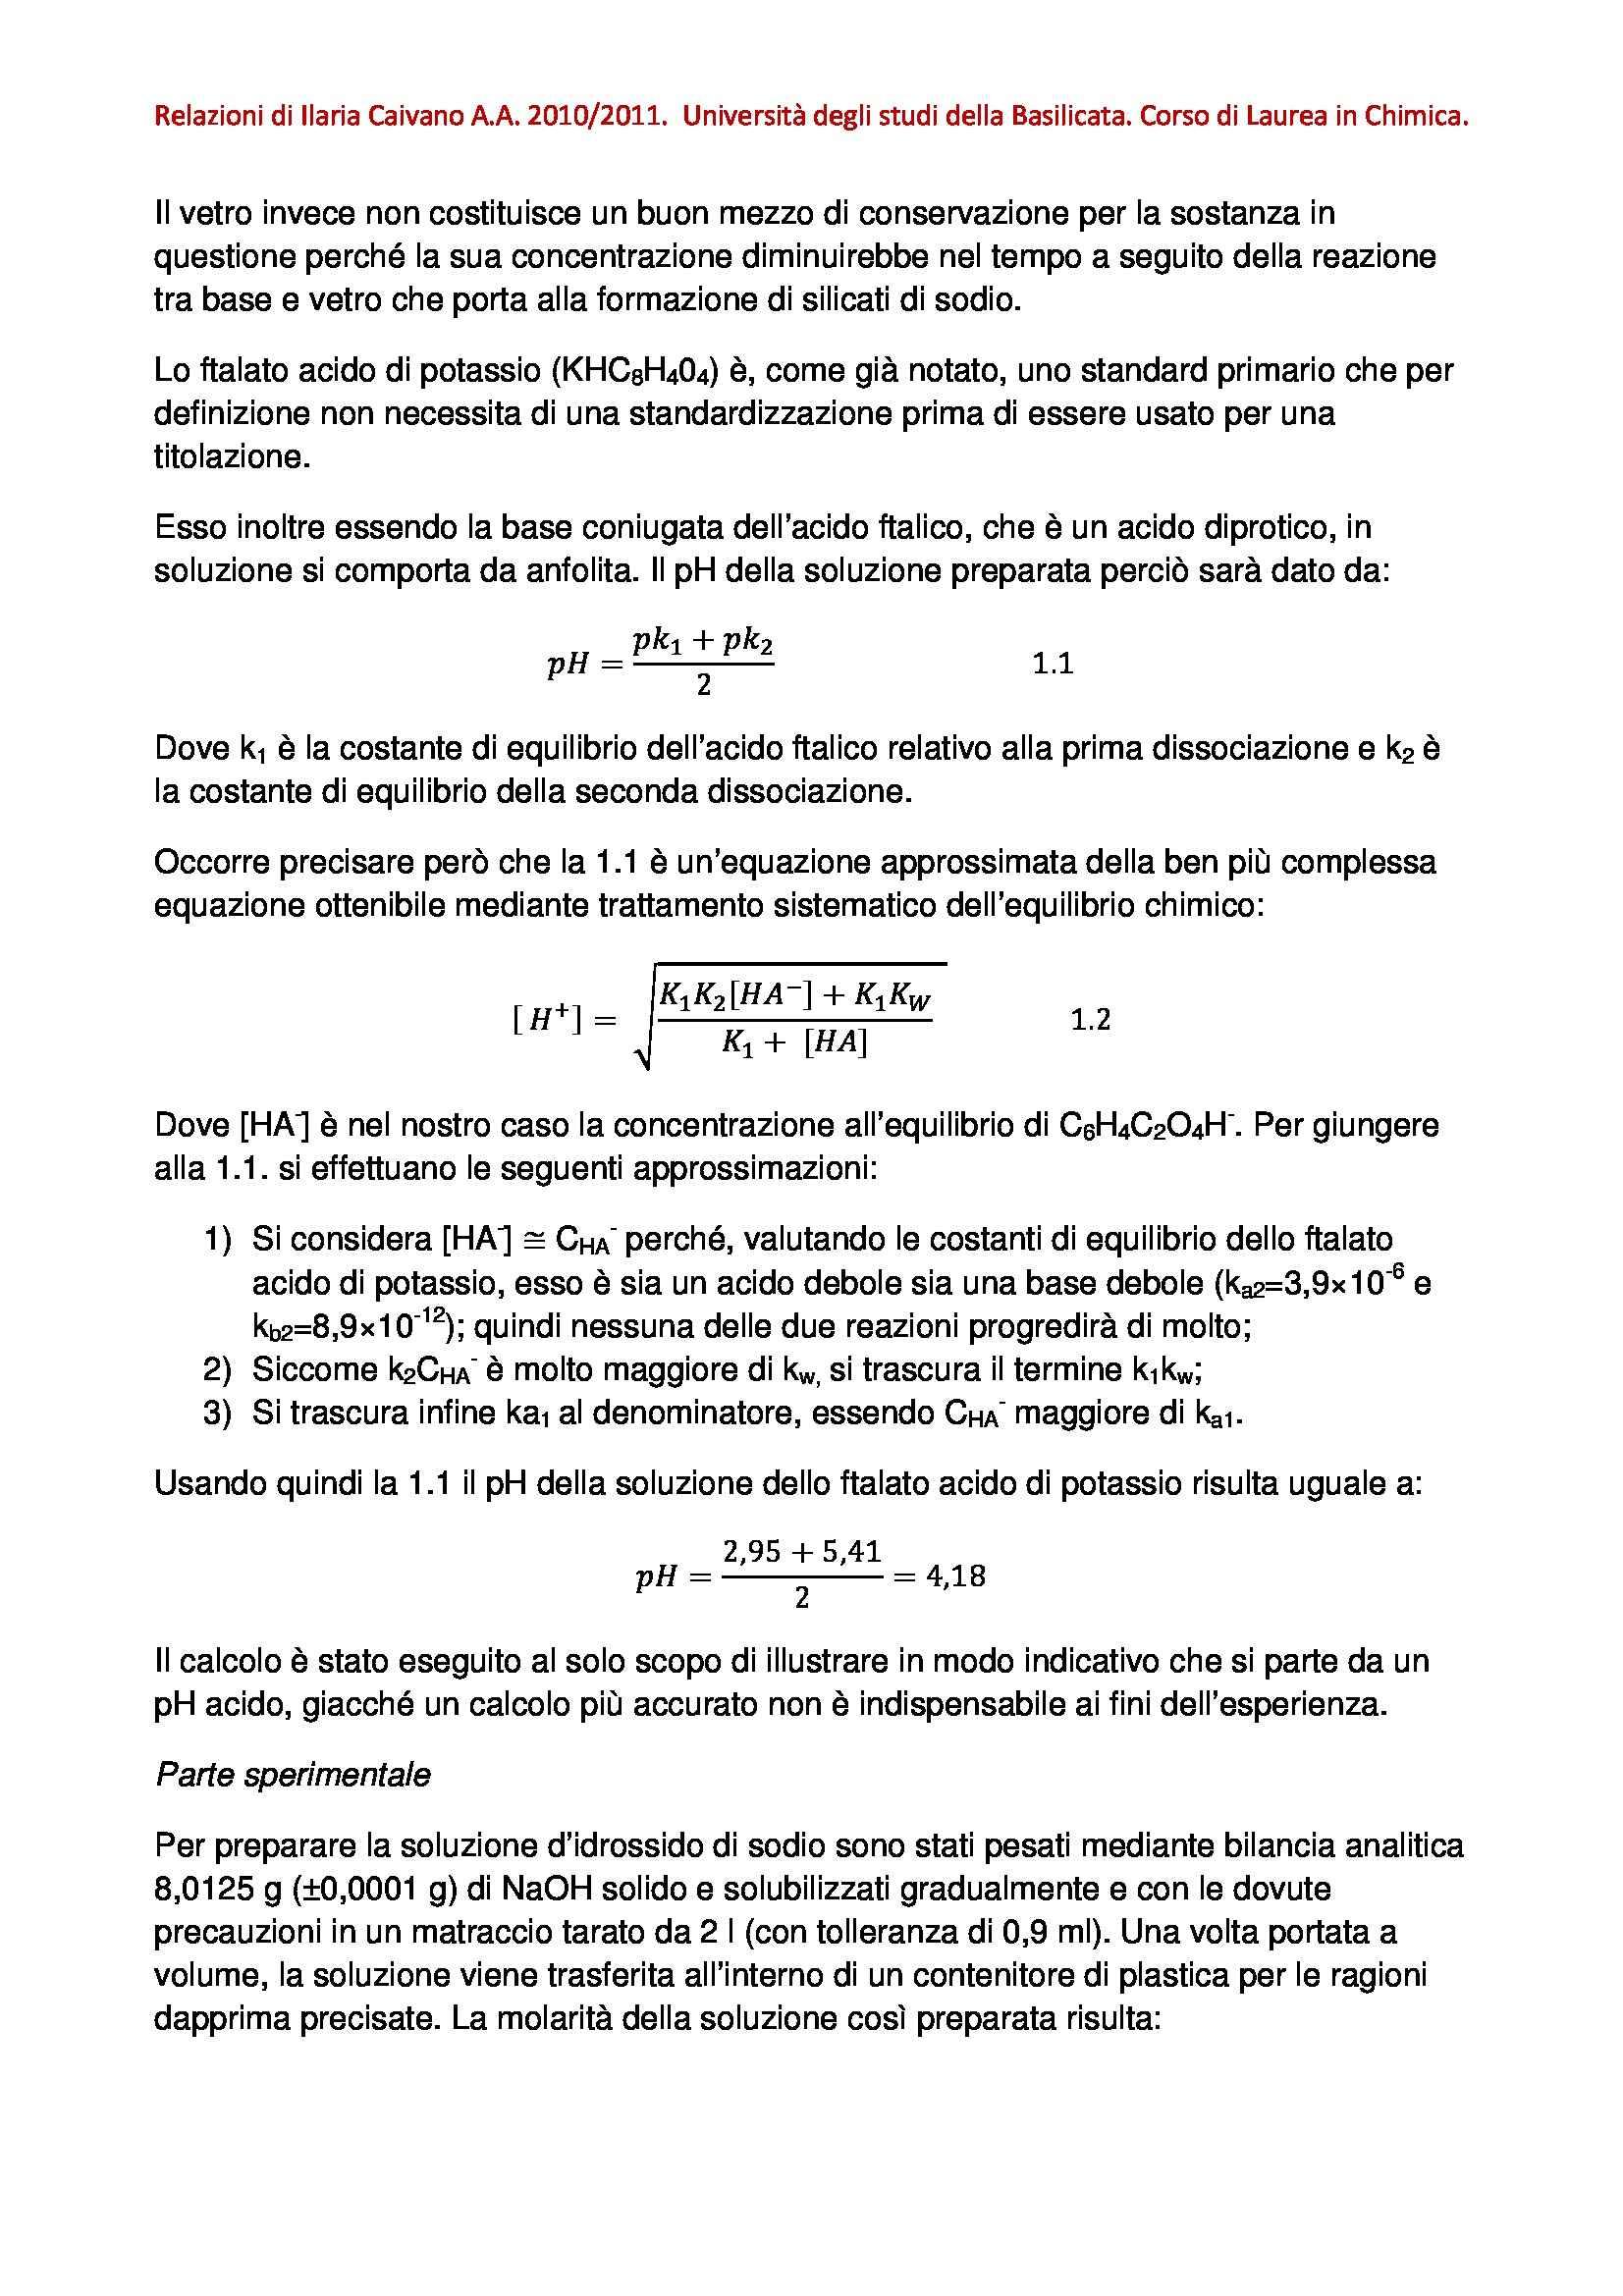 Laboratorio di Chimica Analitica 2 - standardizzazione di una soluzione di NaOH Pag. 2